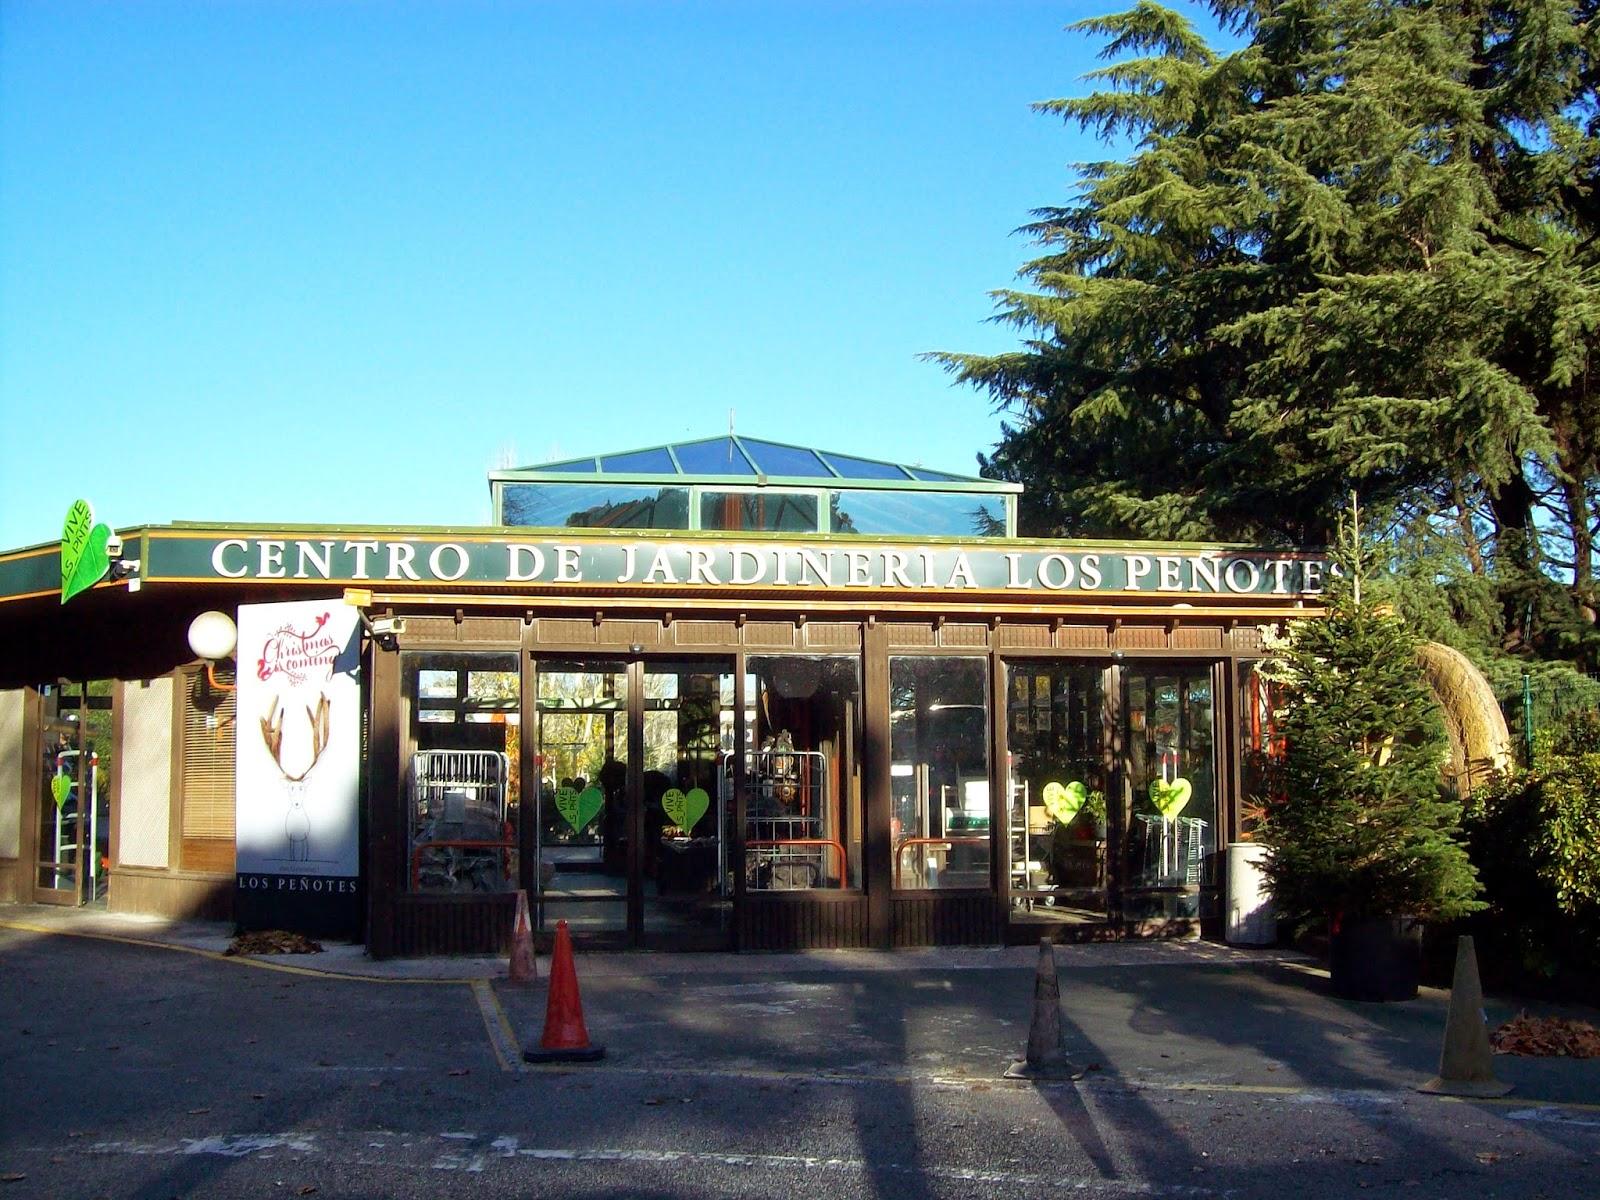 Vivero Los Penotes Of Letras De Interior Visita A Garden Center Los Pe Otes